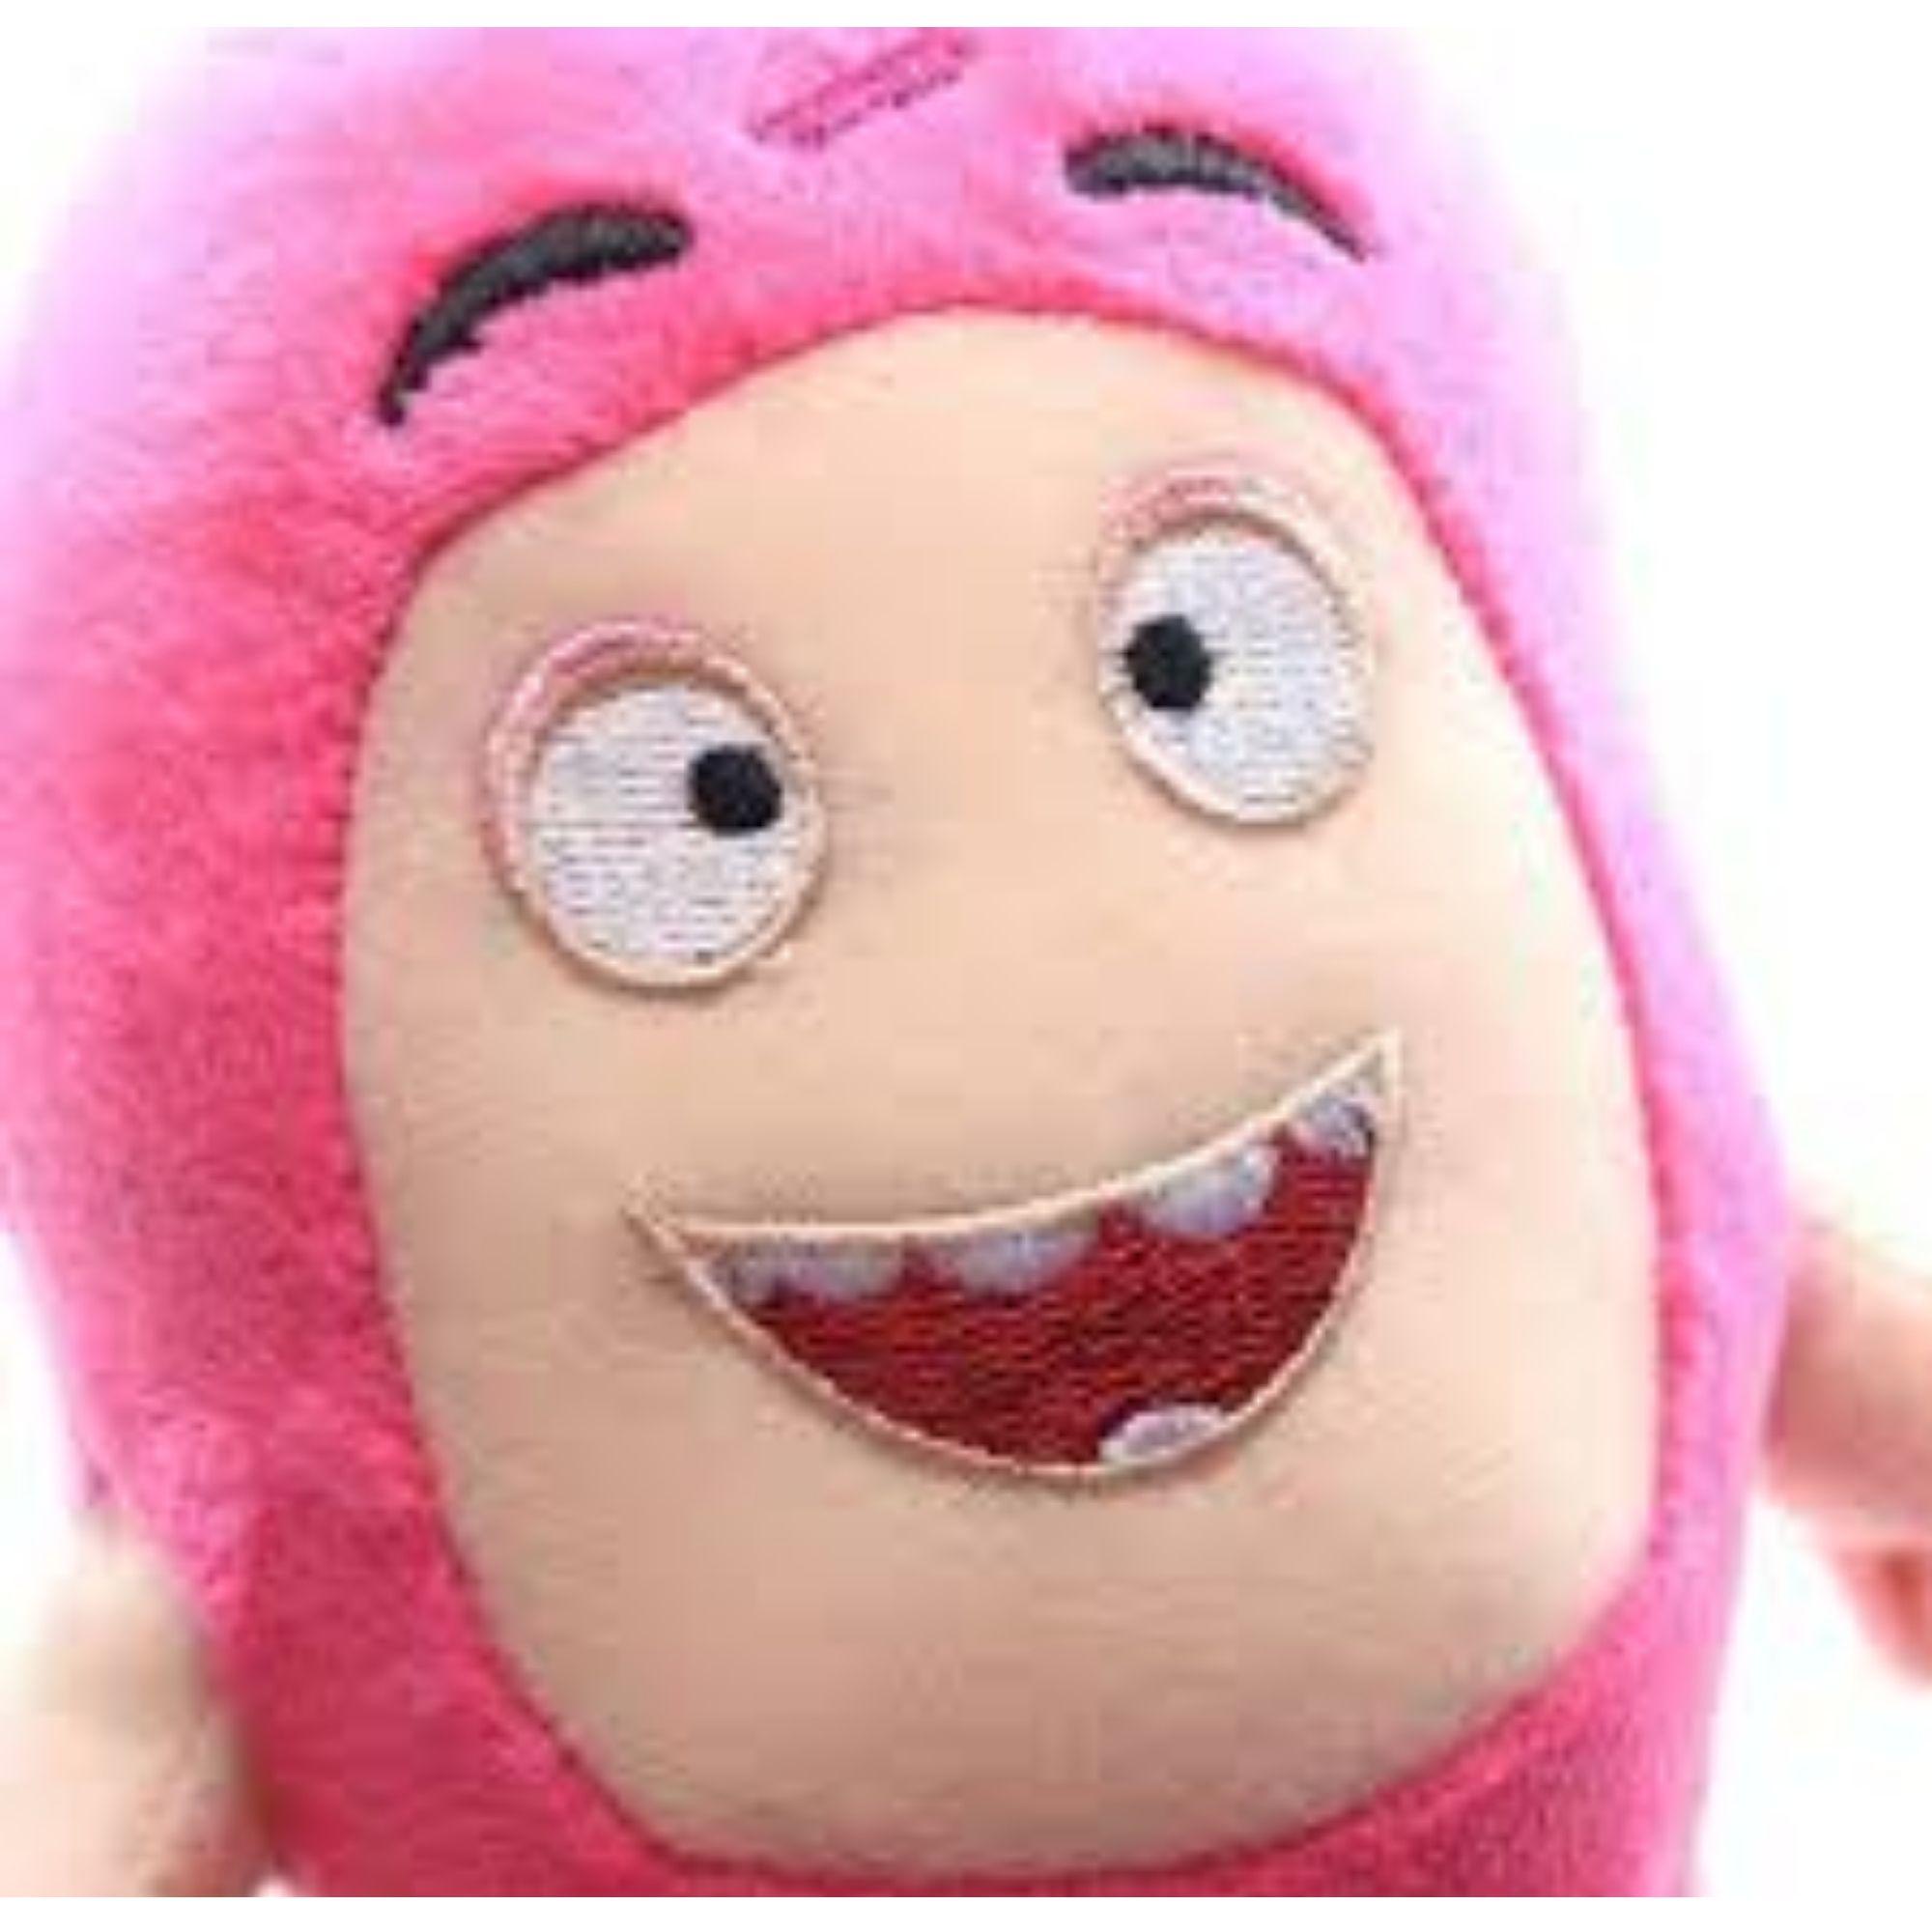 Kit com 2 Bonecos de Pelúcia Oddbods - 1 Amarelo e 1 Rosa - Bubbles e Newt  - Game Land Brinquedos